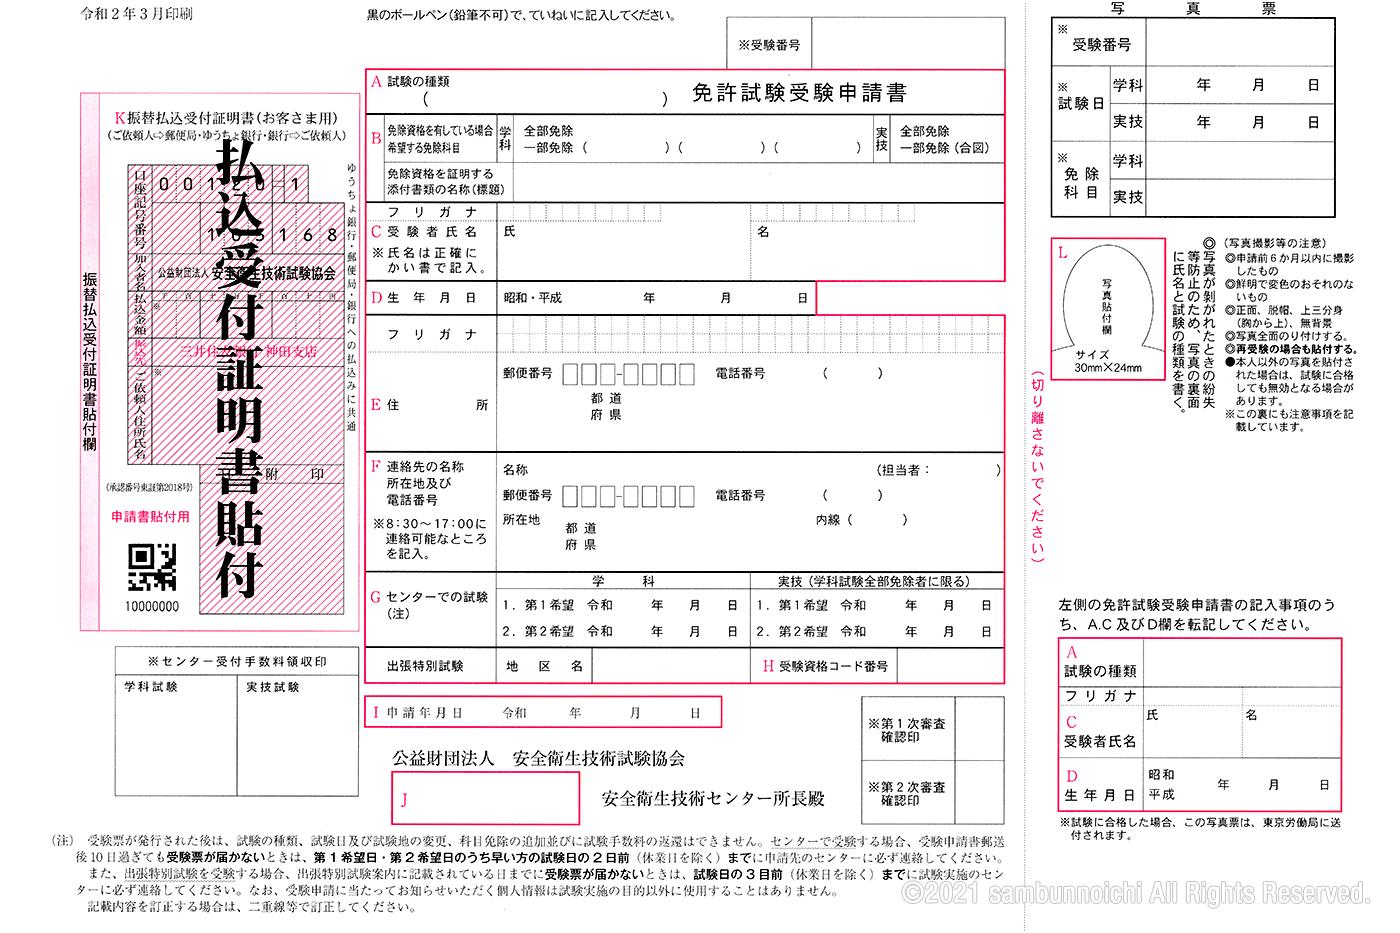 表|受験申請書|労働安全衛生法による免許証